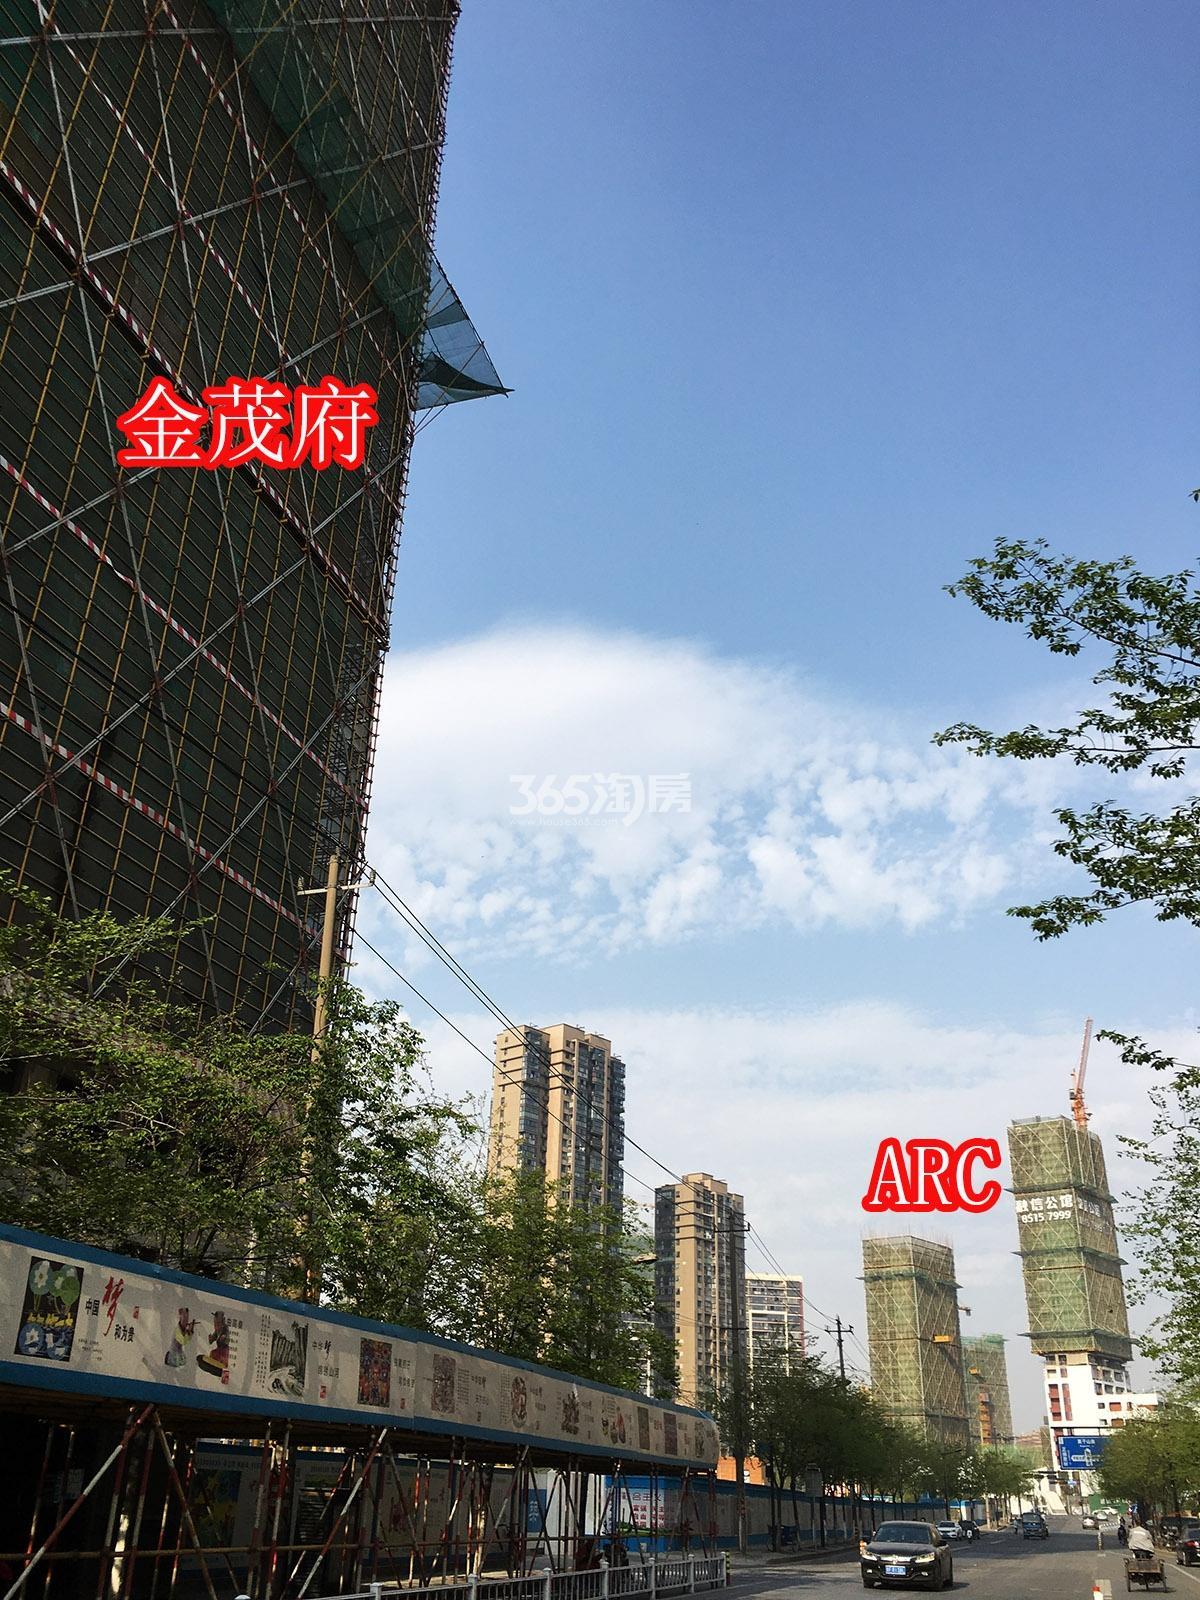 2018年4月初融信公馆ARC及周边首开杭州金茂府合影